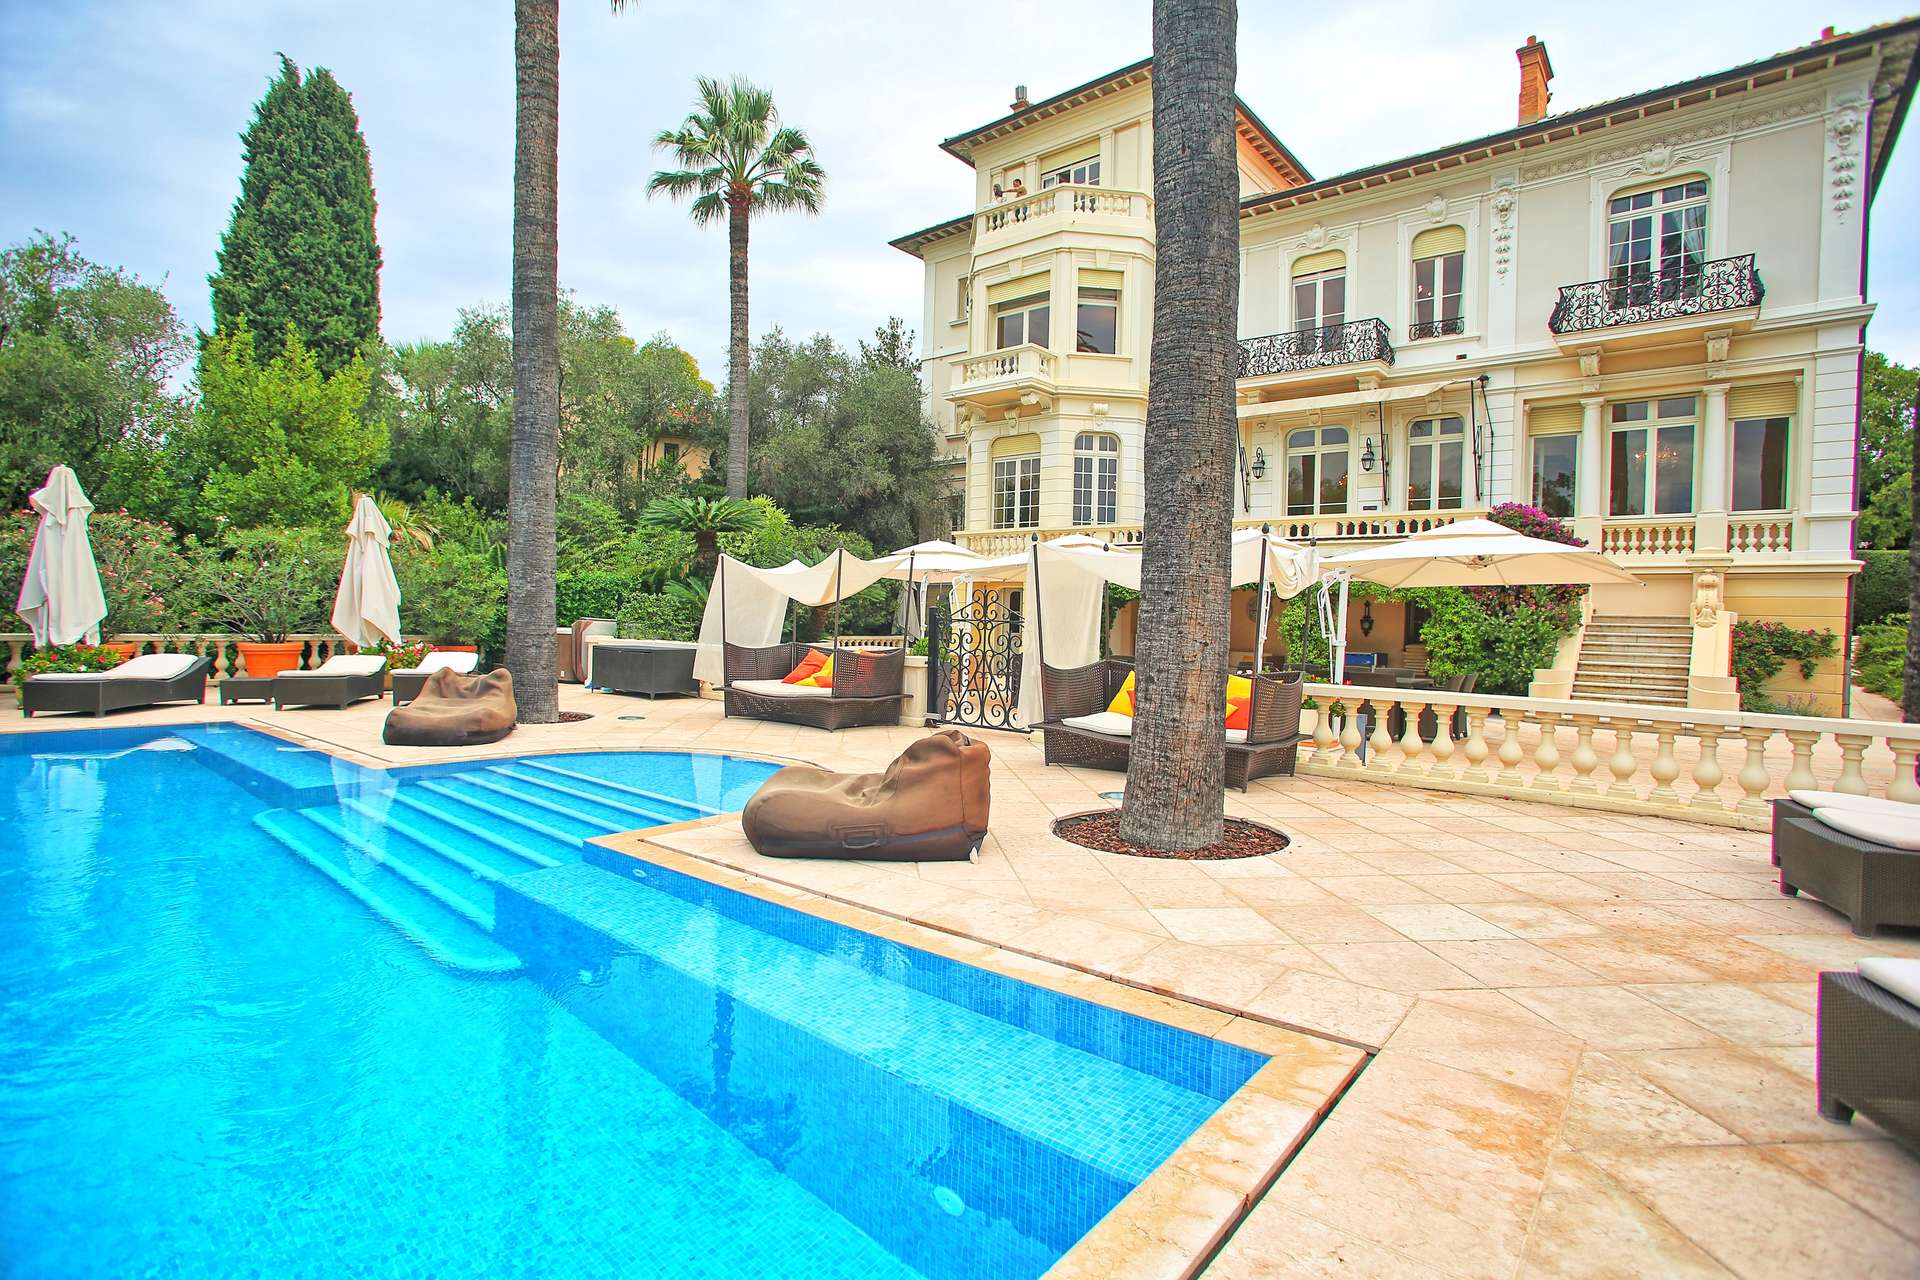 Luxury vacation rentals europe - France - Frenchriviera - Cannes - Villa de Juas - Image 1/29